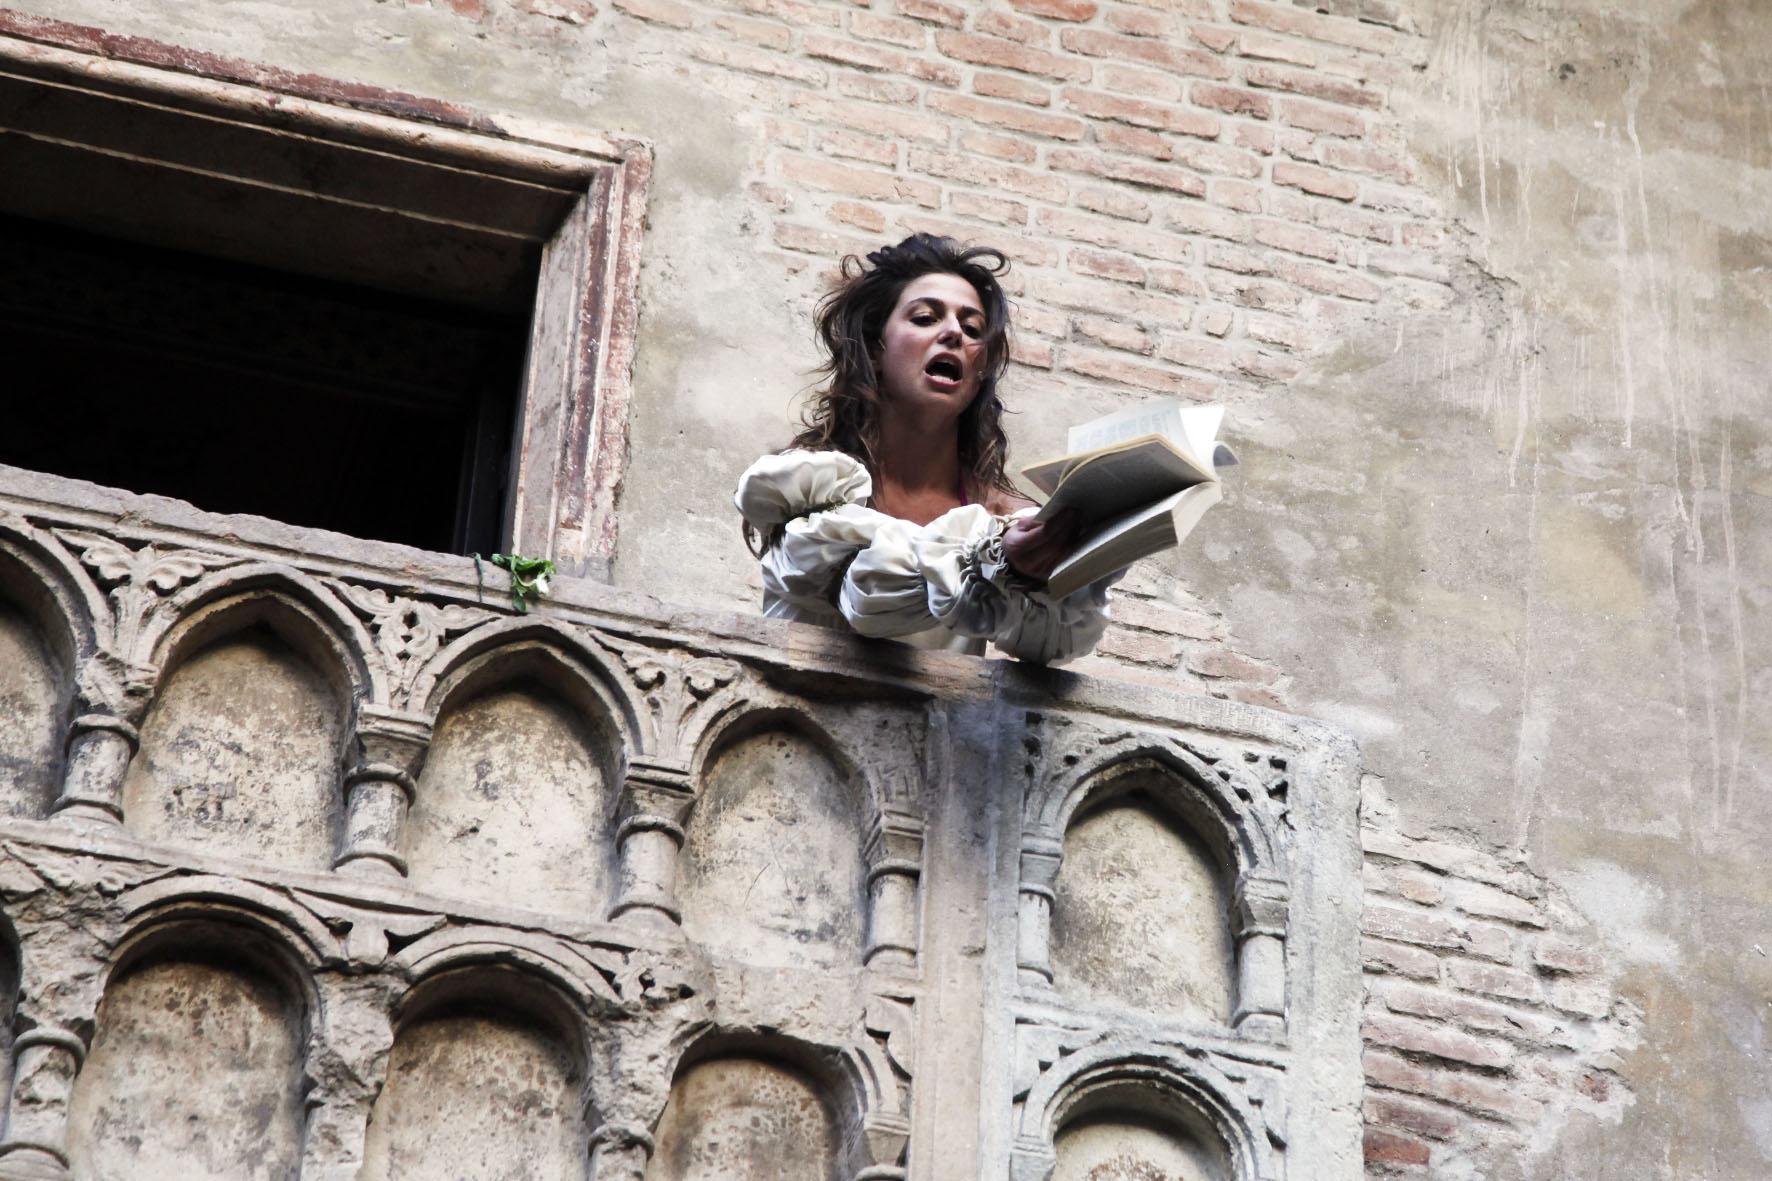 Un momento della performance, Romeo's Balcony di Daniel González, Juliet's courtyard, Verona, 29 giugno - 14 ottobre 2013. Foto: K-Studio